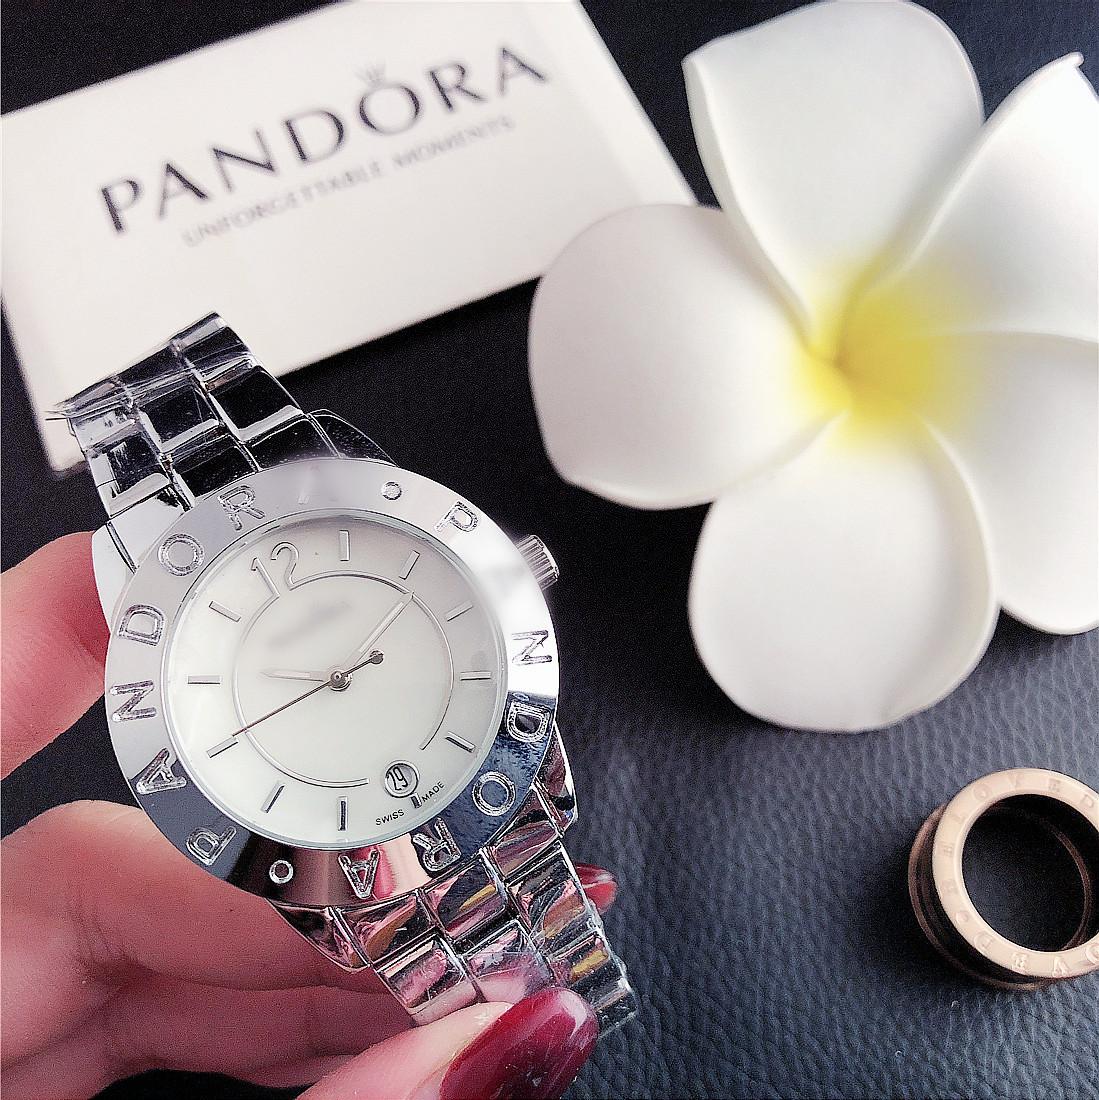 日内瓦新款钢表潮流女士手表 时尚商务休闲石英表韩版时装表